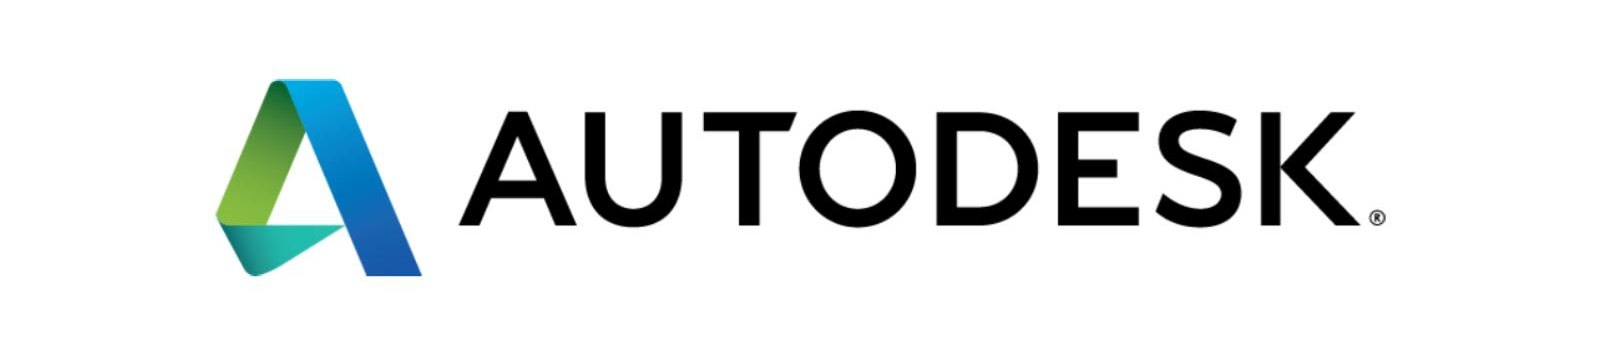 Autodesk - position Partners